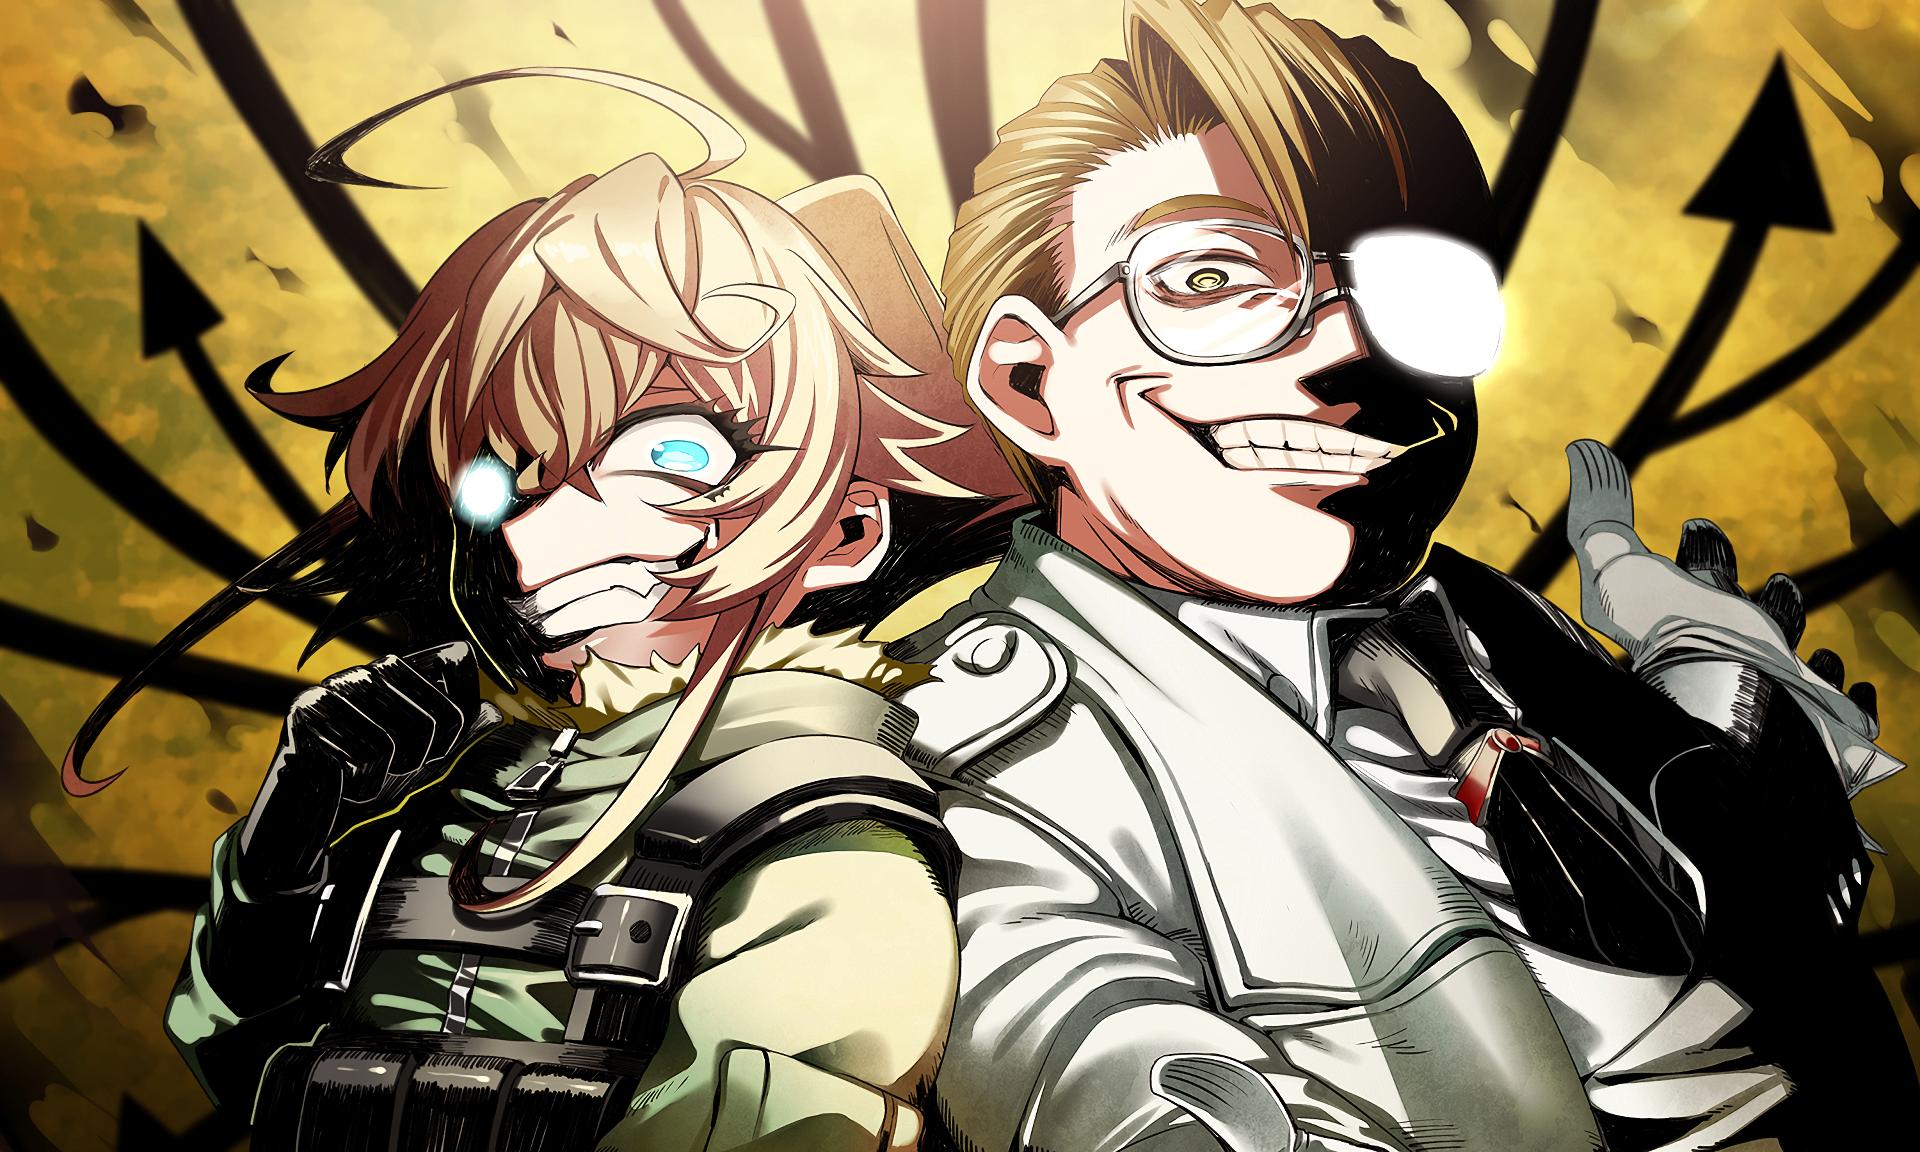 Anime Crossover Wallpaper ヘルシング, アニメ コラボ, 漫画イラスト